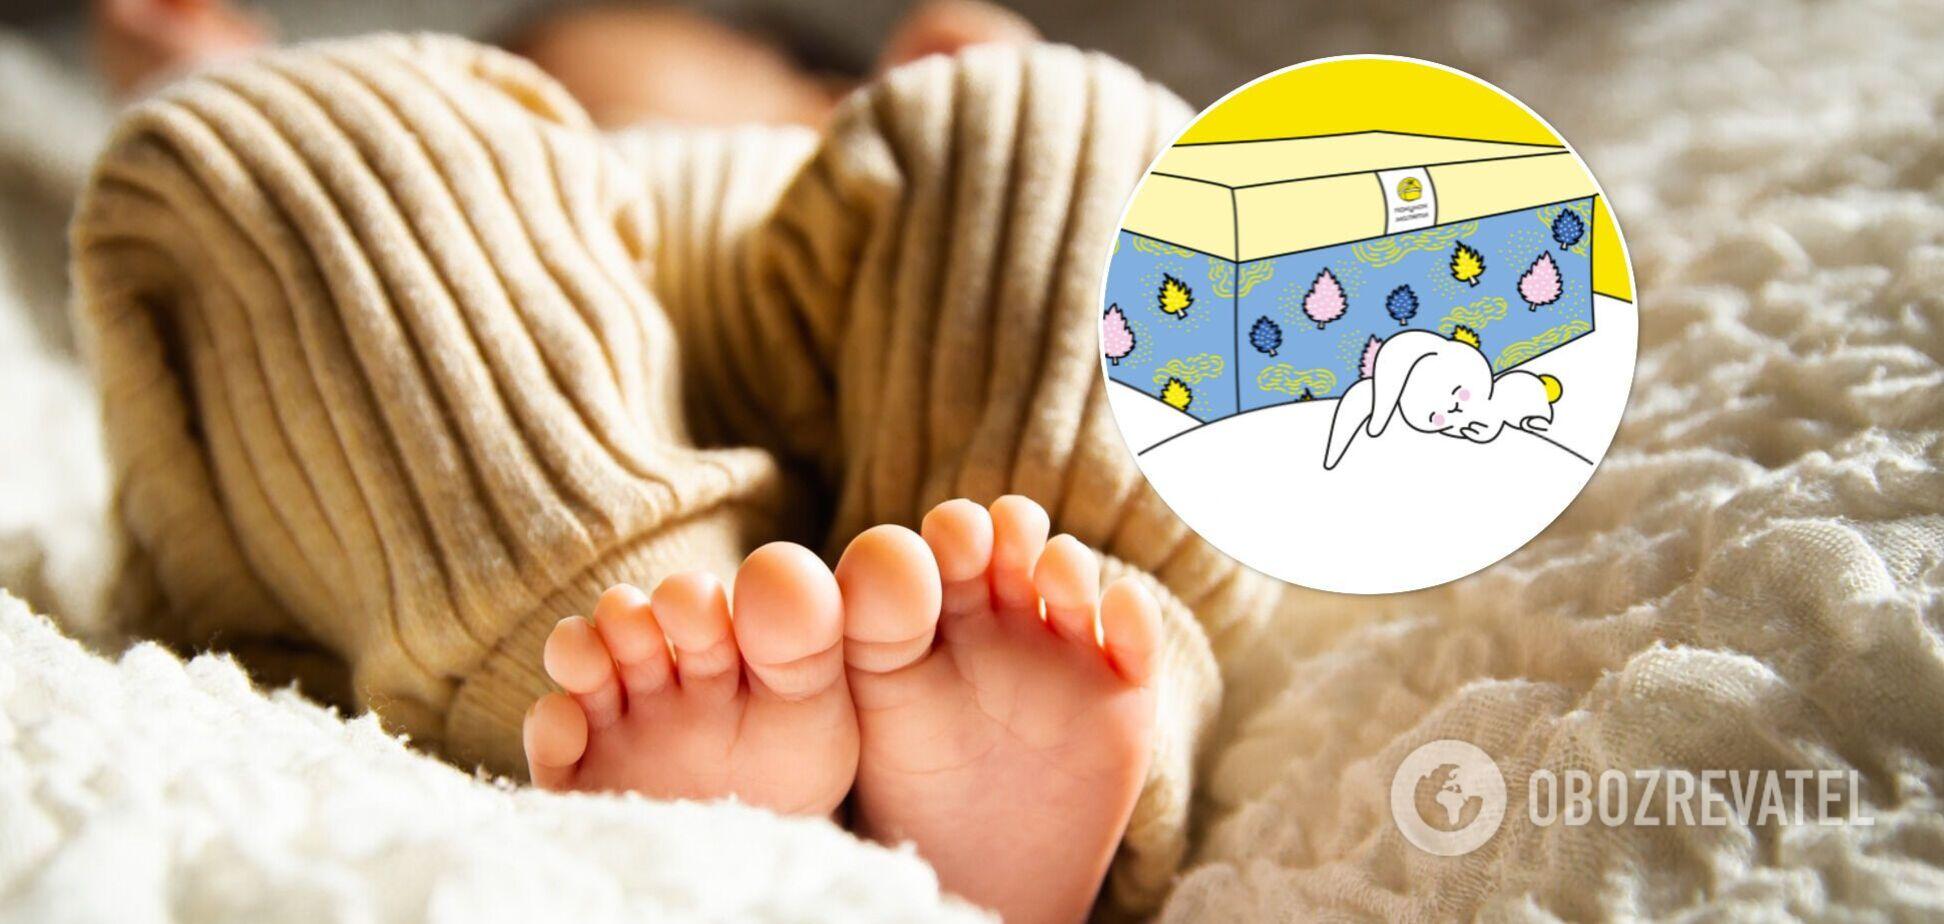 Набор для новорожденного в Украине